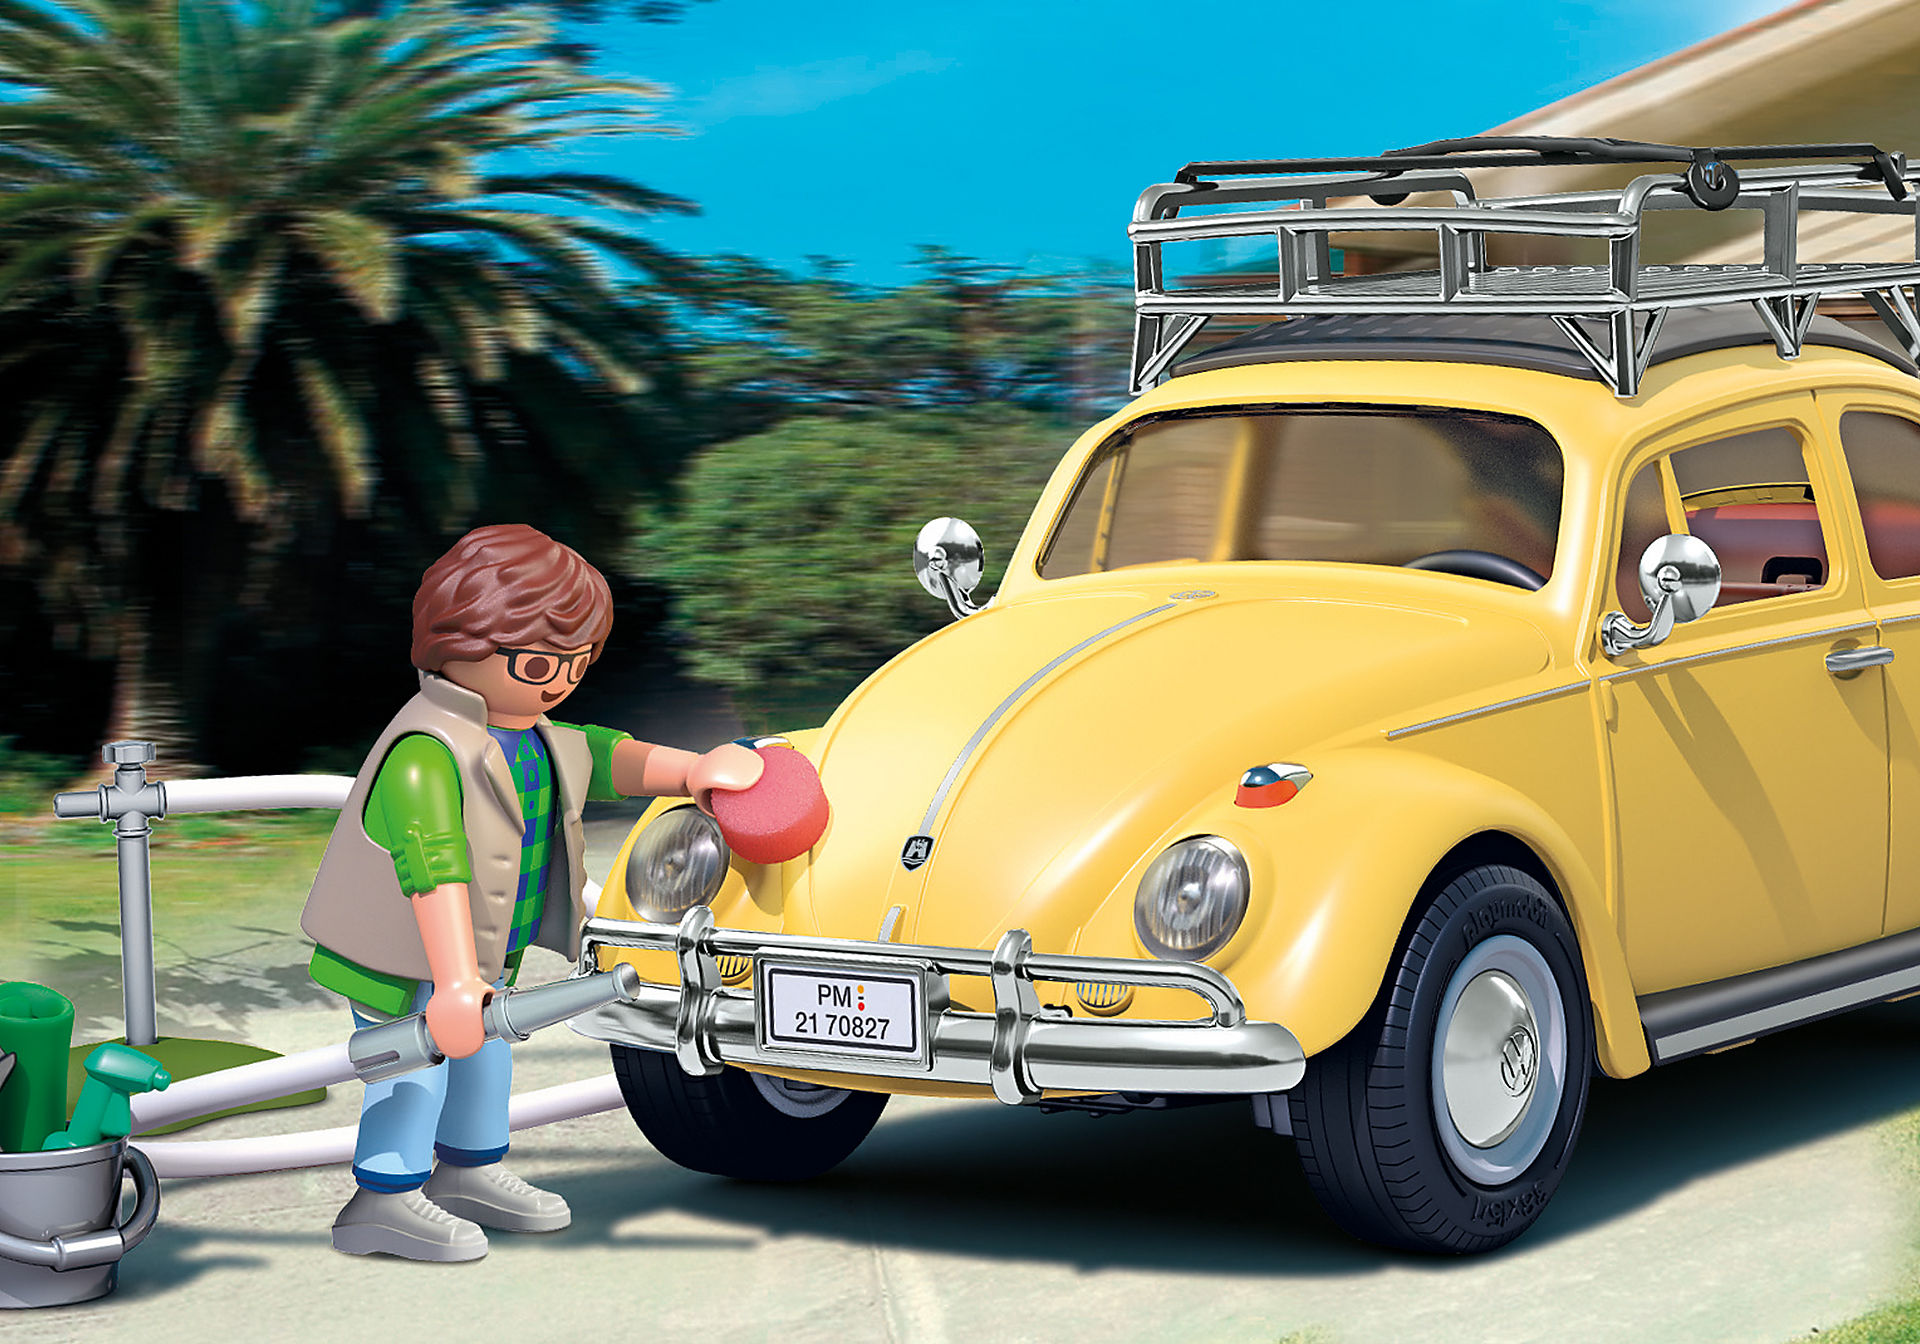 70827 Volkswagen Beetle - Edición especial zoom image7